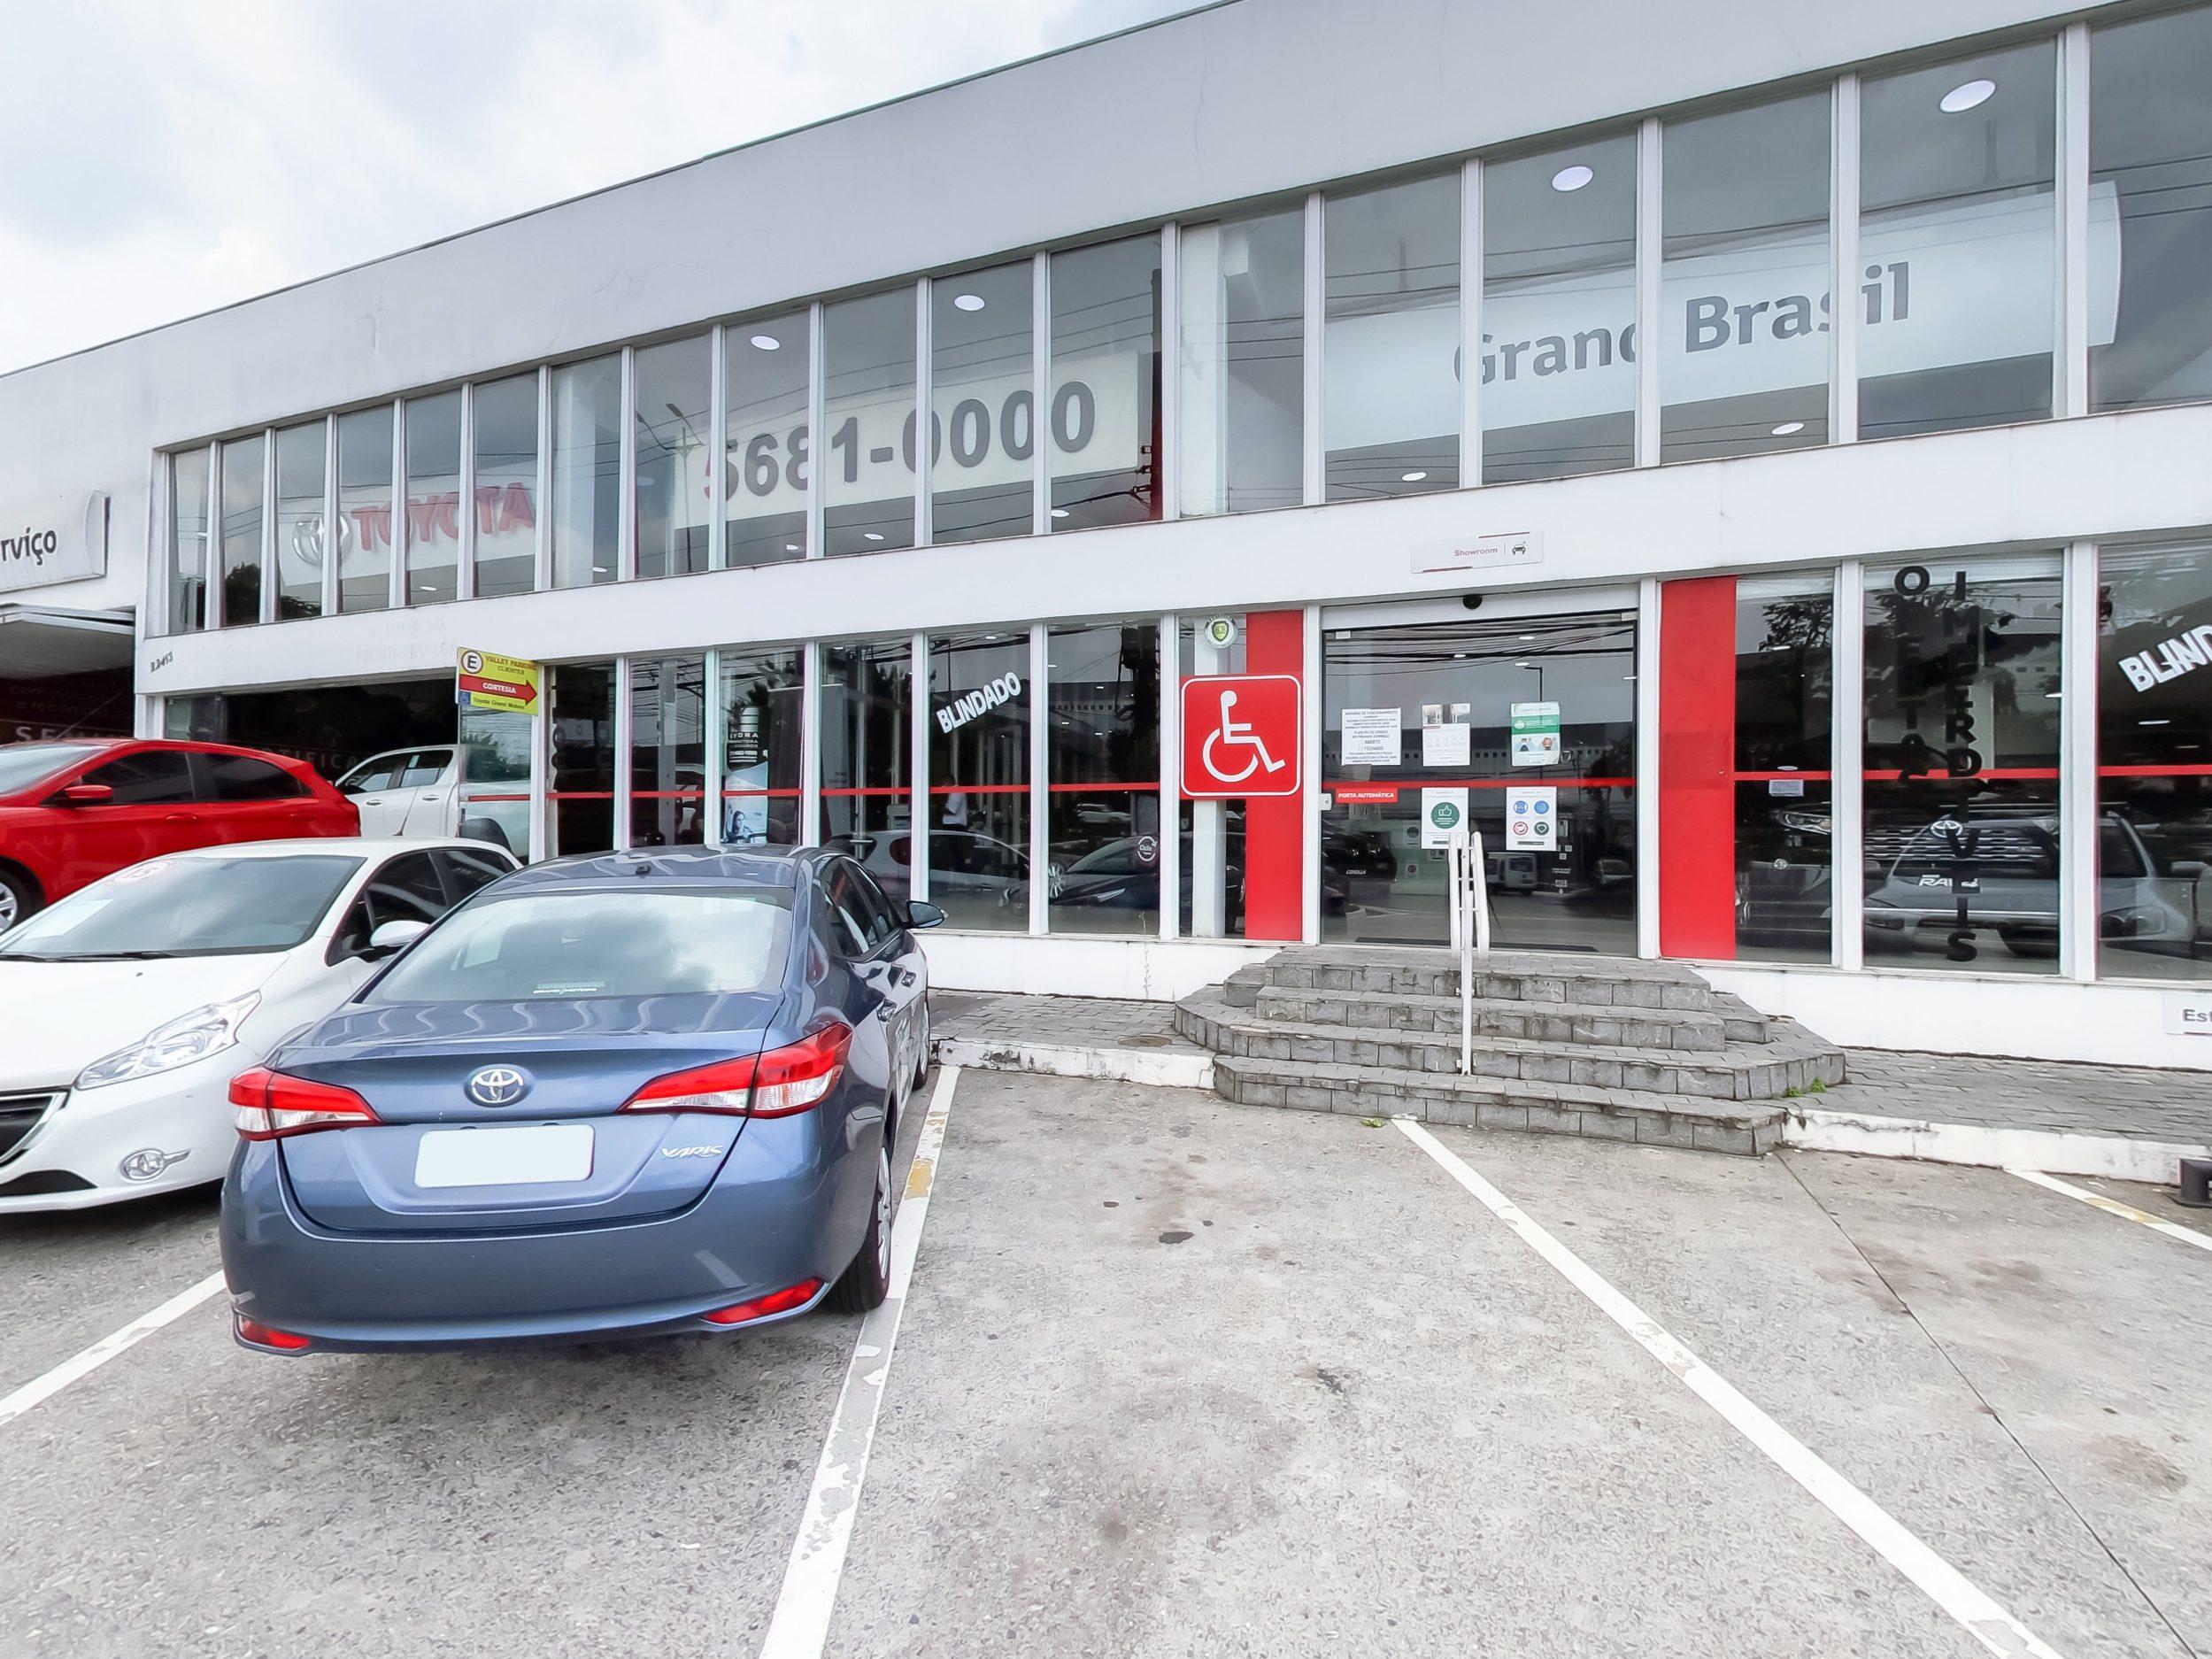 Toyota Grand Brasil - Nações Unidas SP